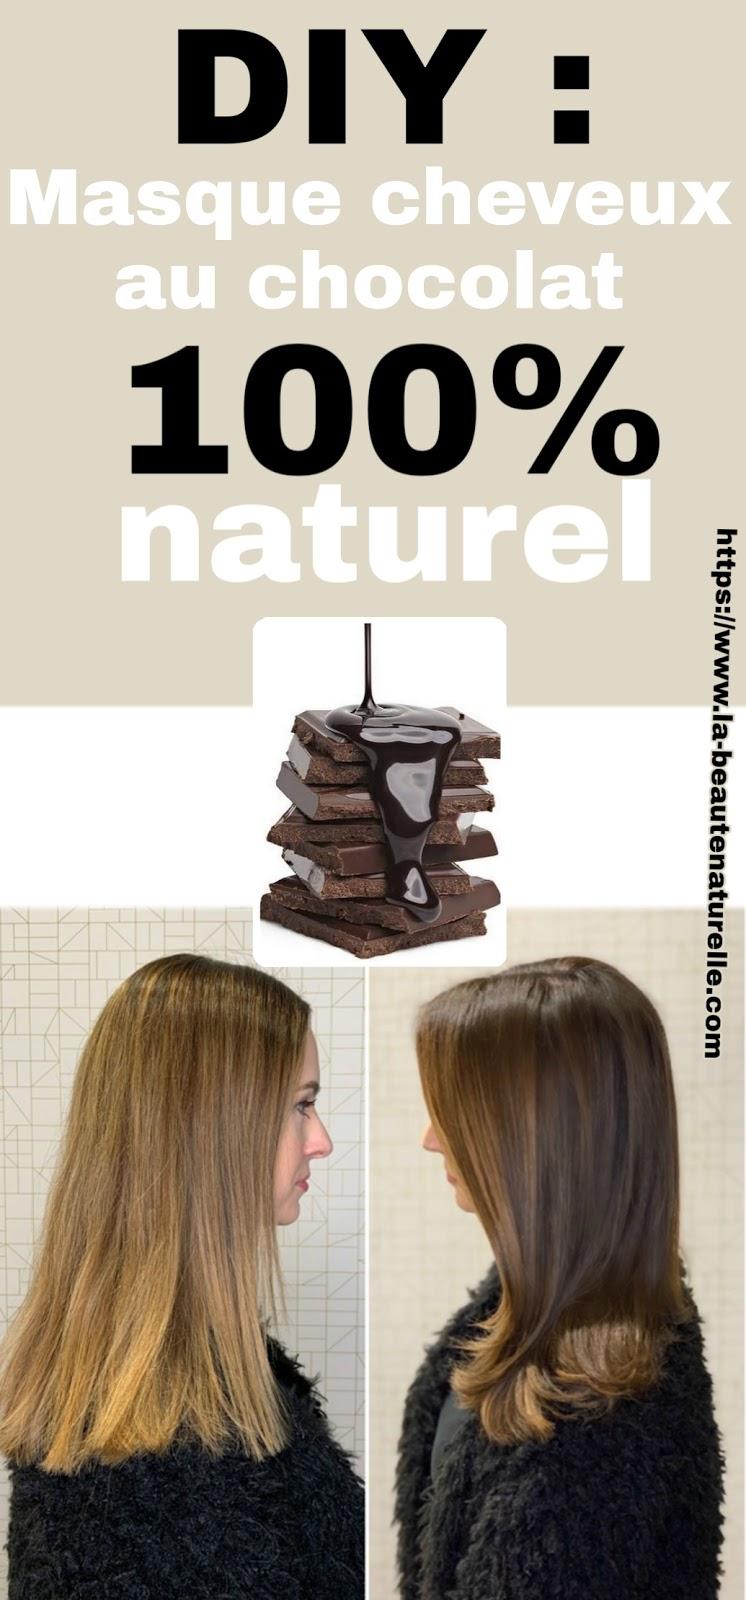 DIY : Masque cheveux au chocolat 100% naturel